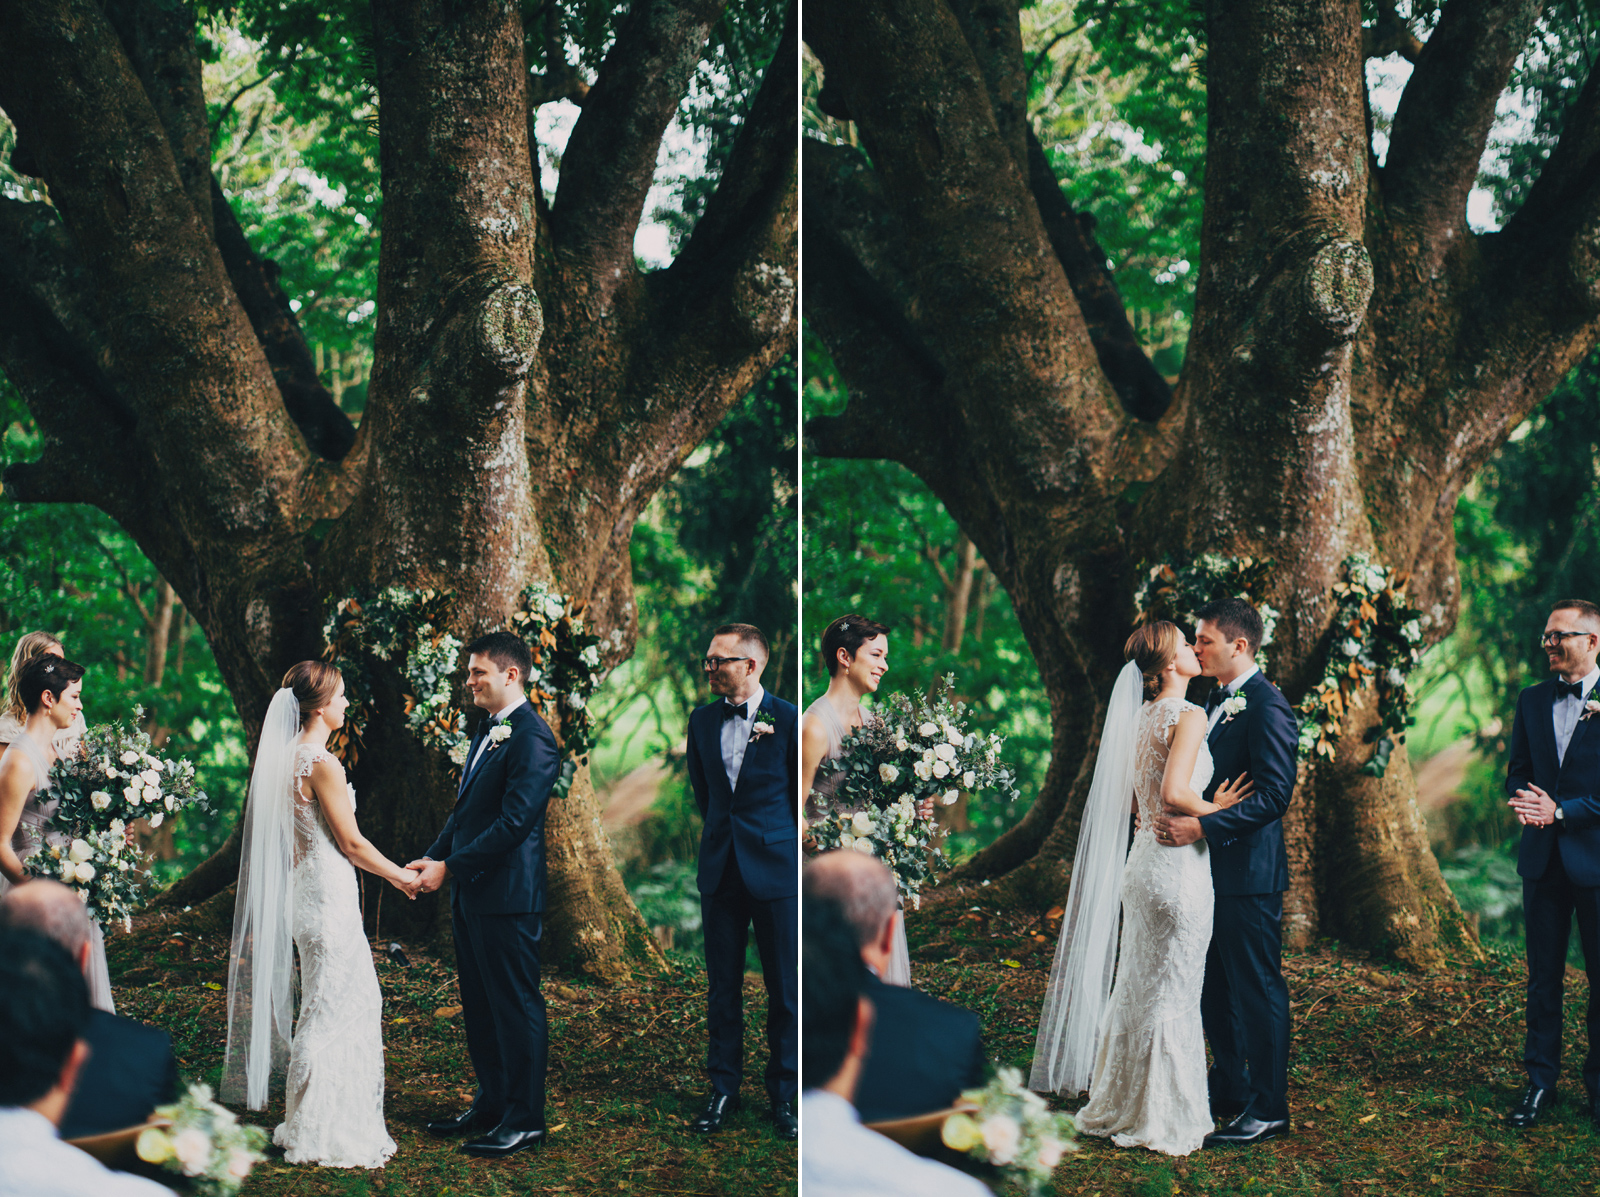 Hilary-&-Darren-Married---0335